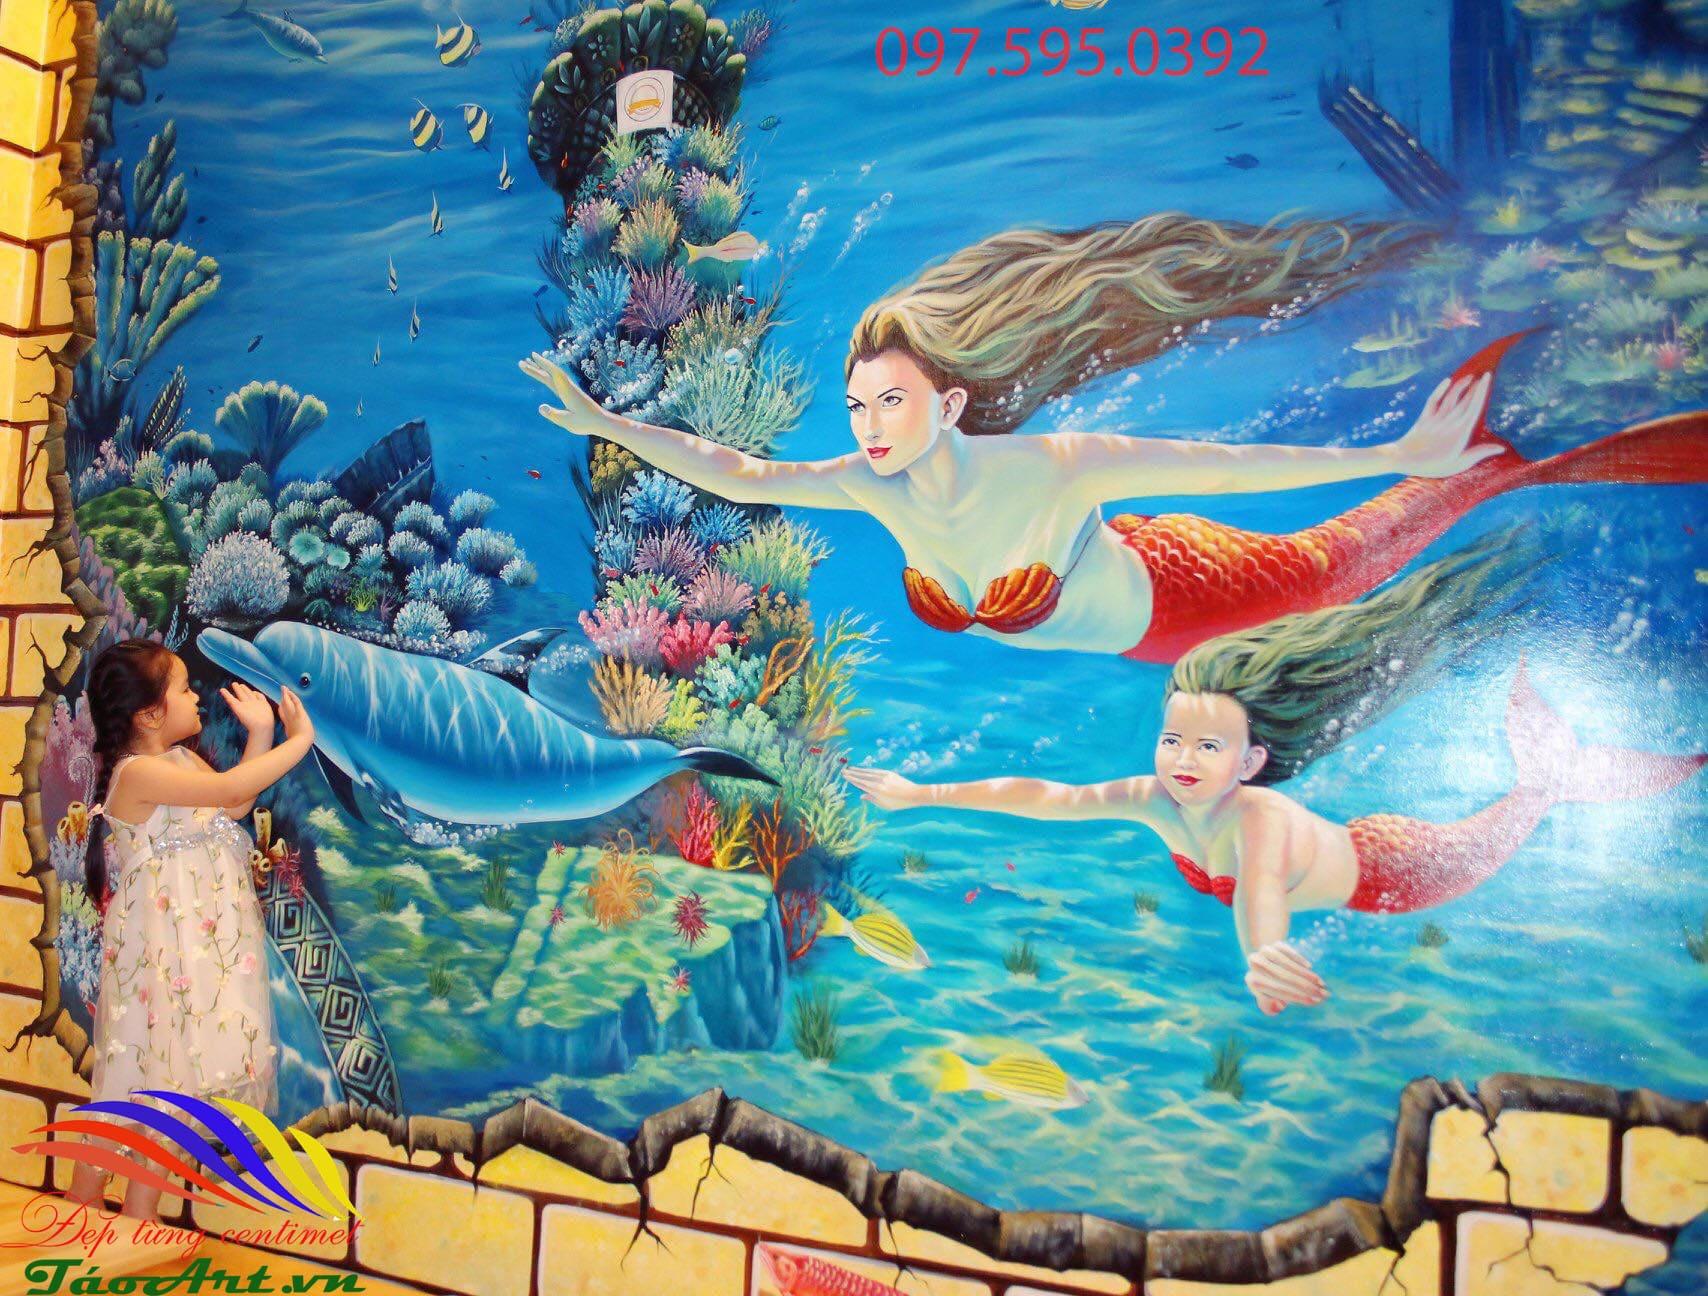 vẽ tranh tường 3d nàng tiên cá